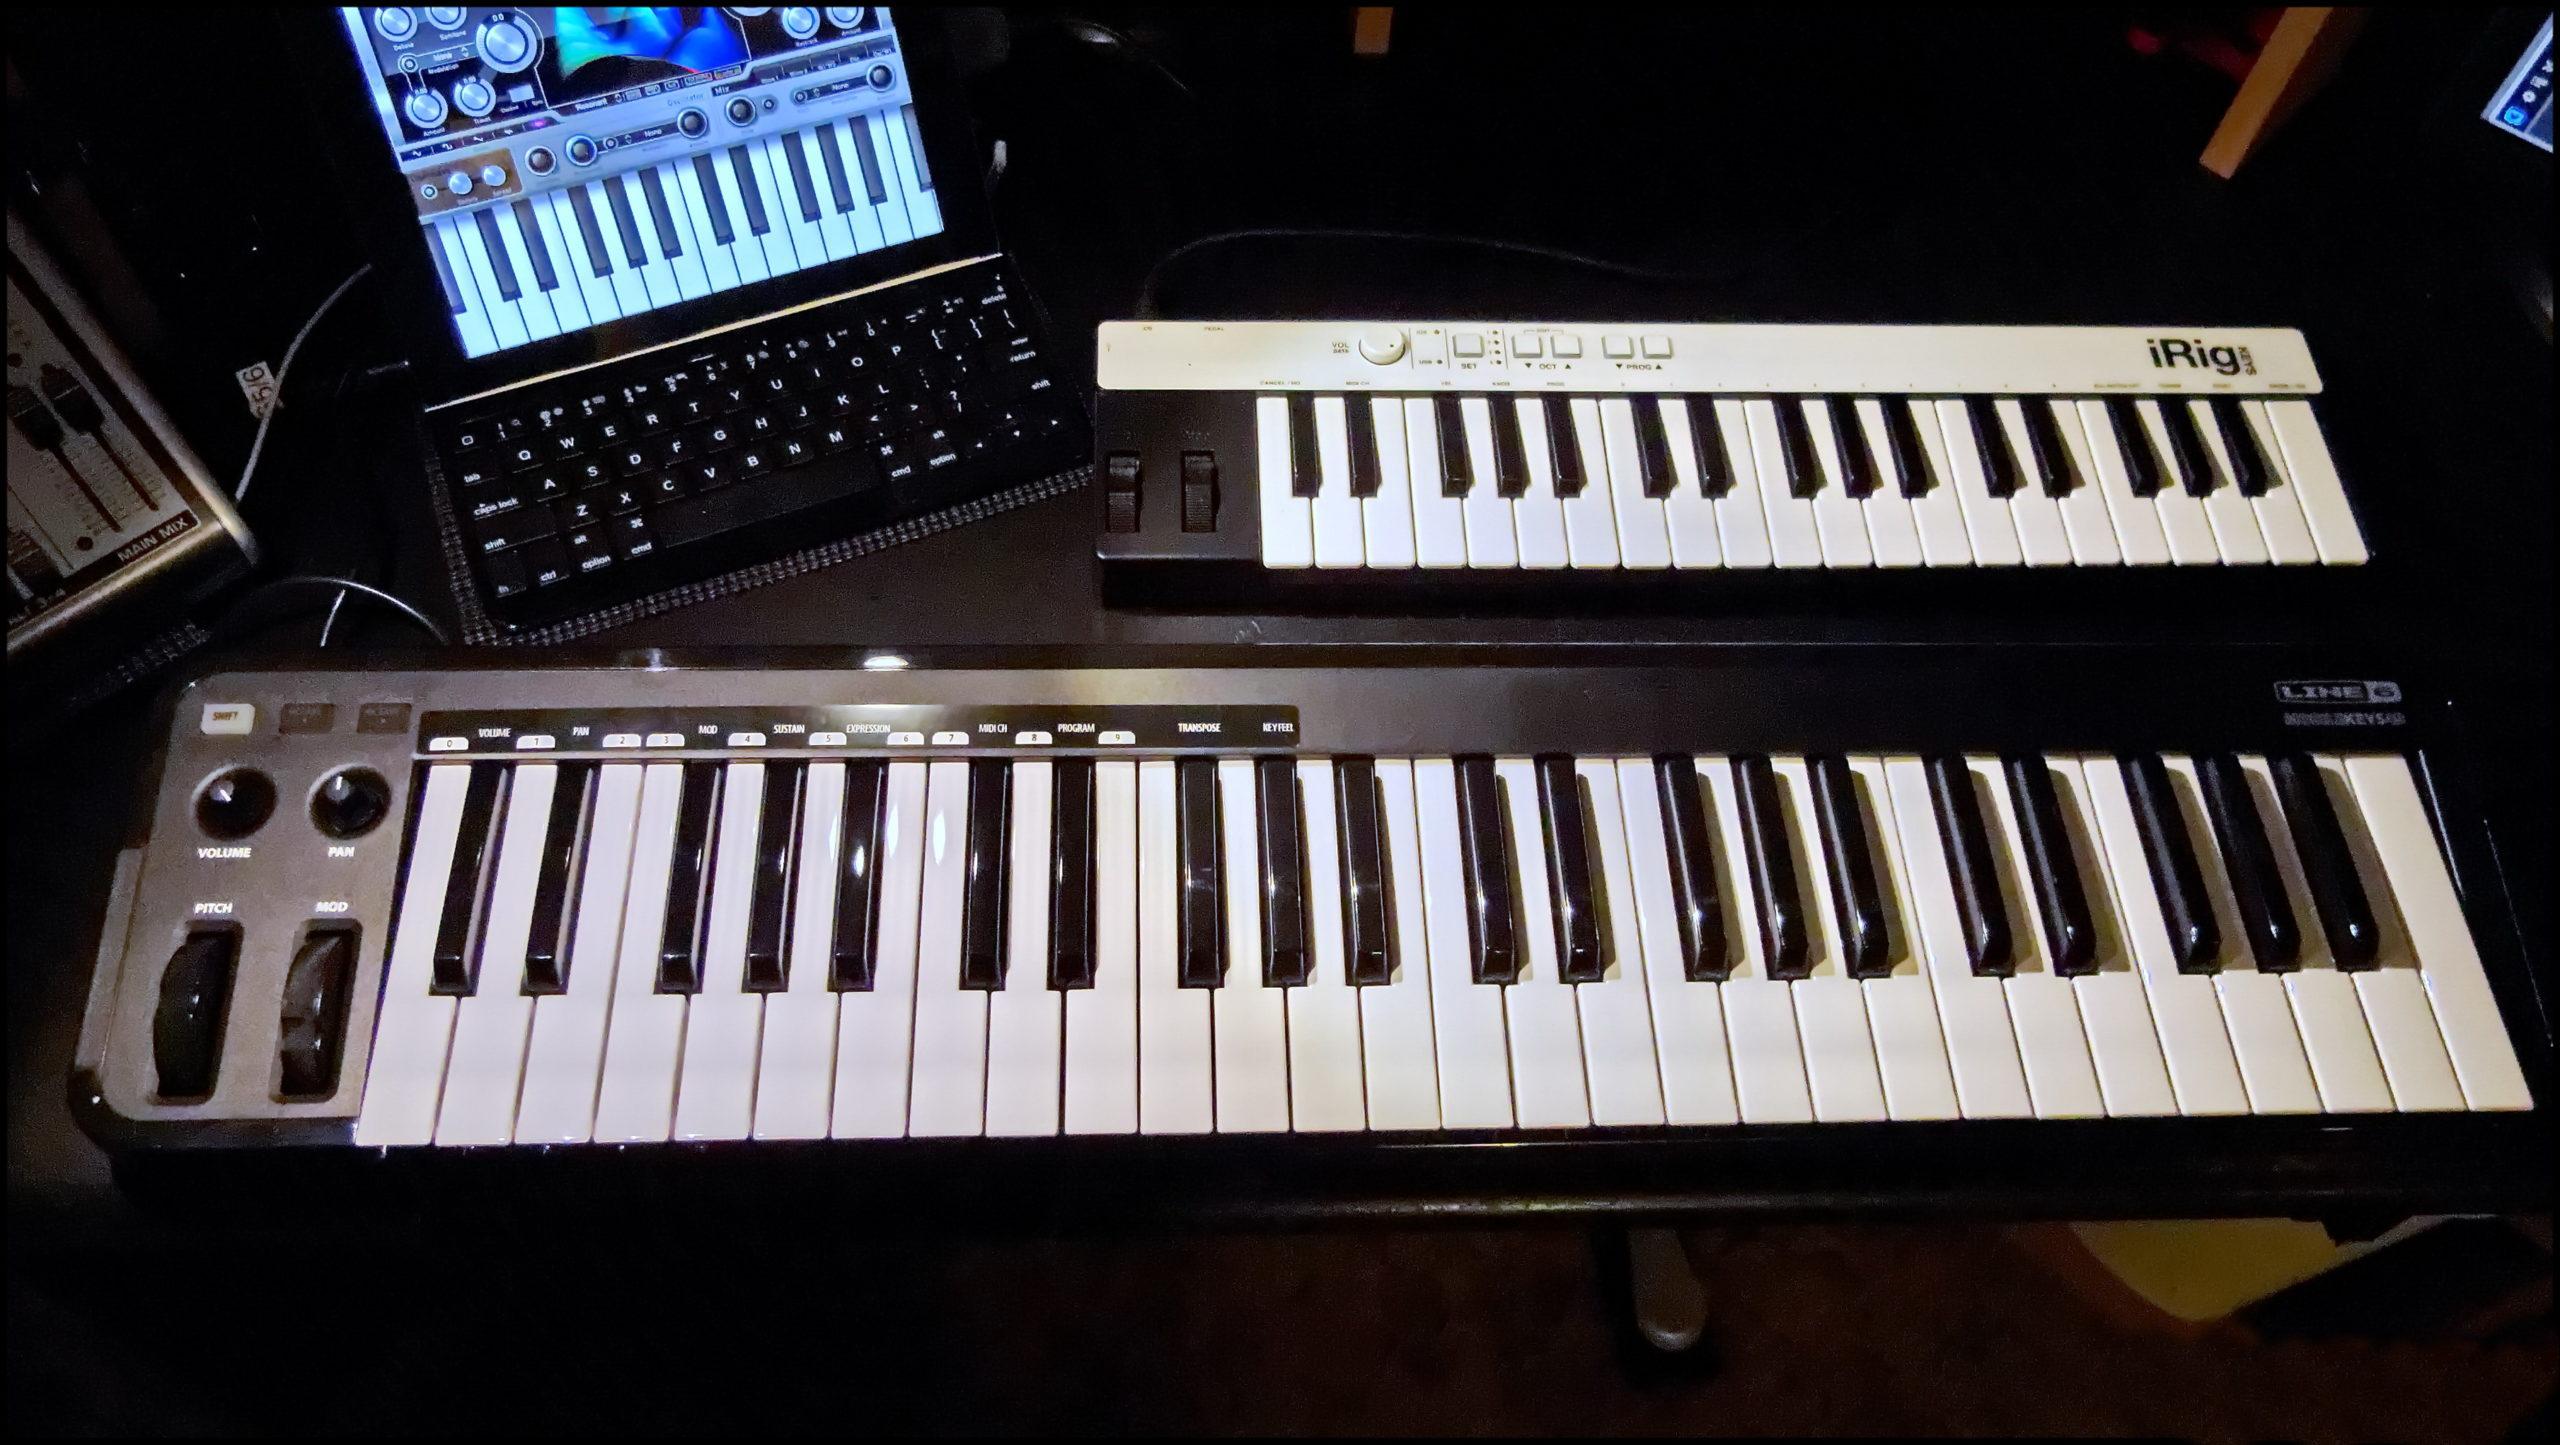 Irig Keys Vs Line 6 Mobile Keys 4911 Scaled